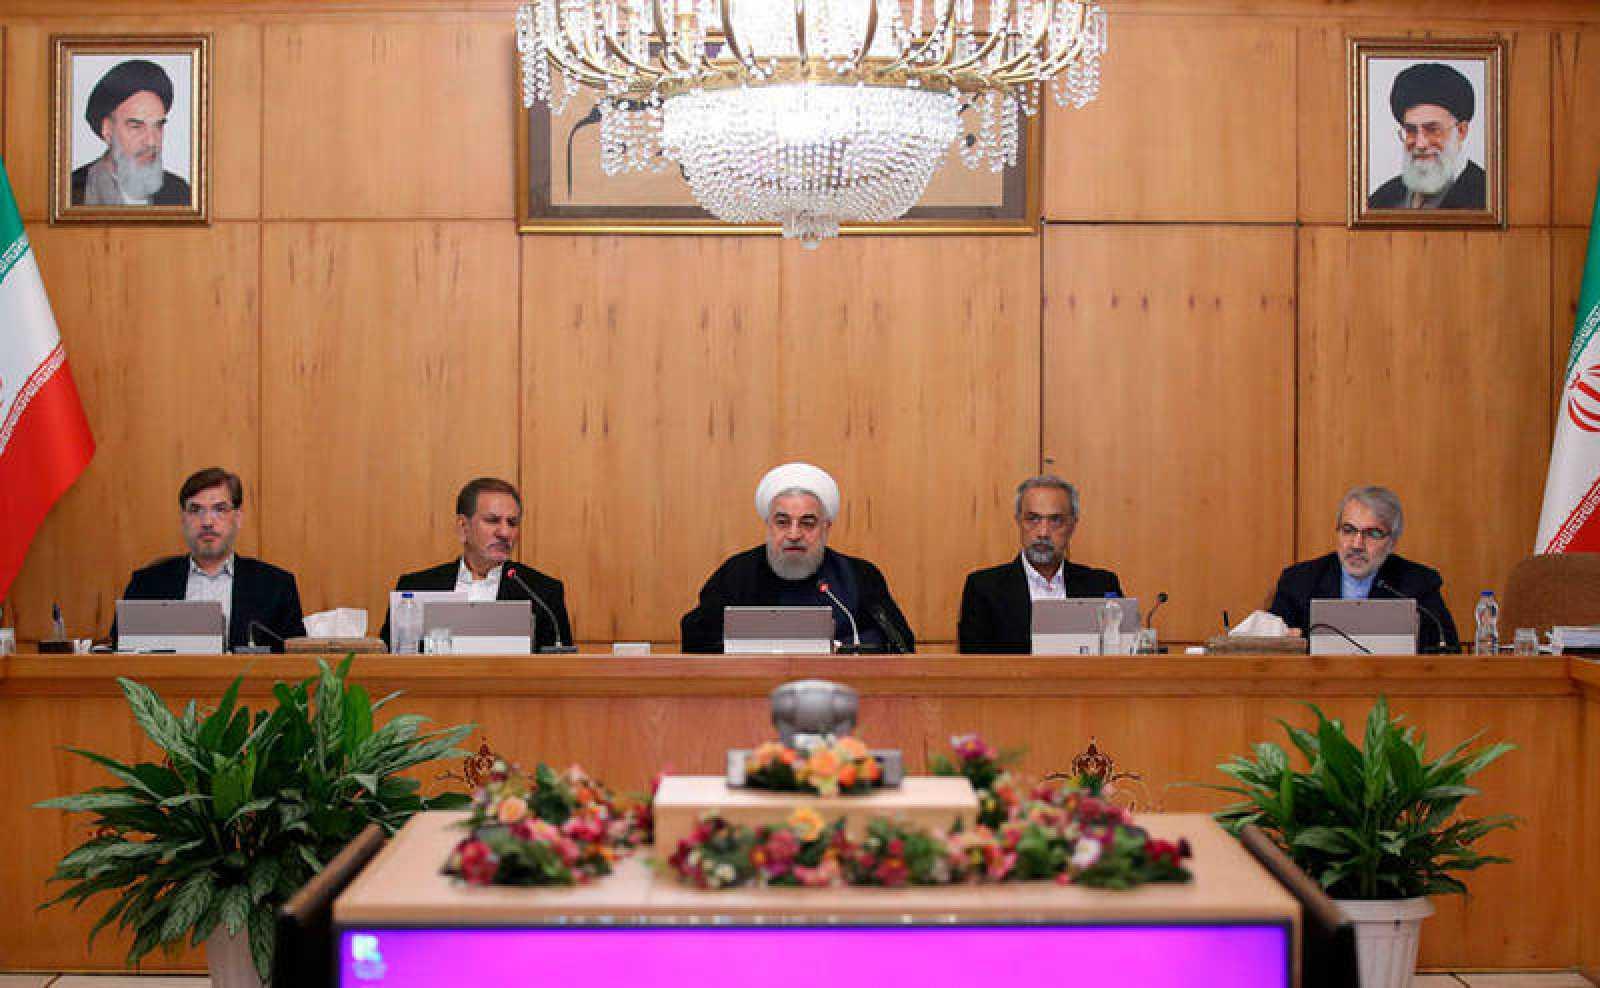 El presidente iraní Hasan Rohaní habla durante la reunión del gabinete en Teherán, Irán,